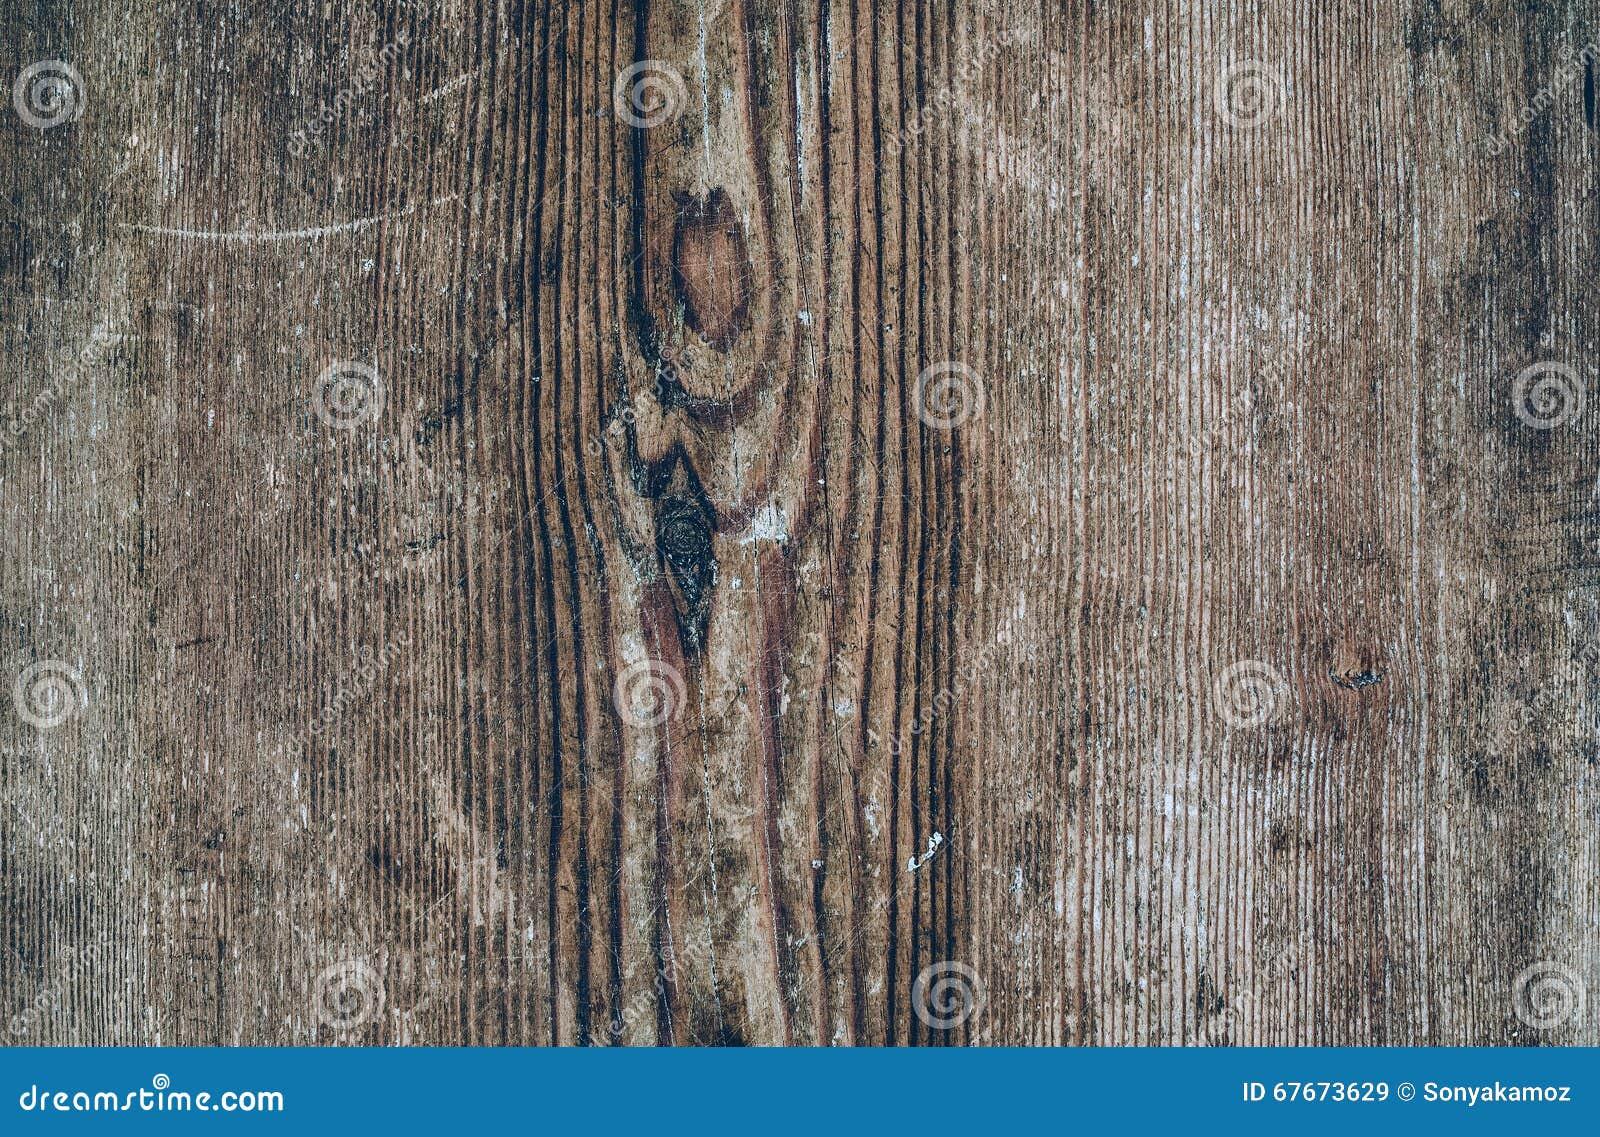 Textura de madera decolorada estilo r stico del vintage - Papel pintado rustico ...